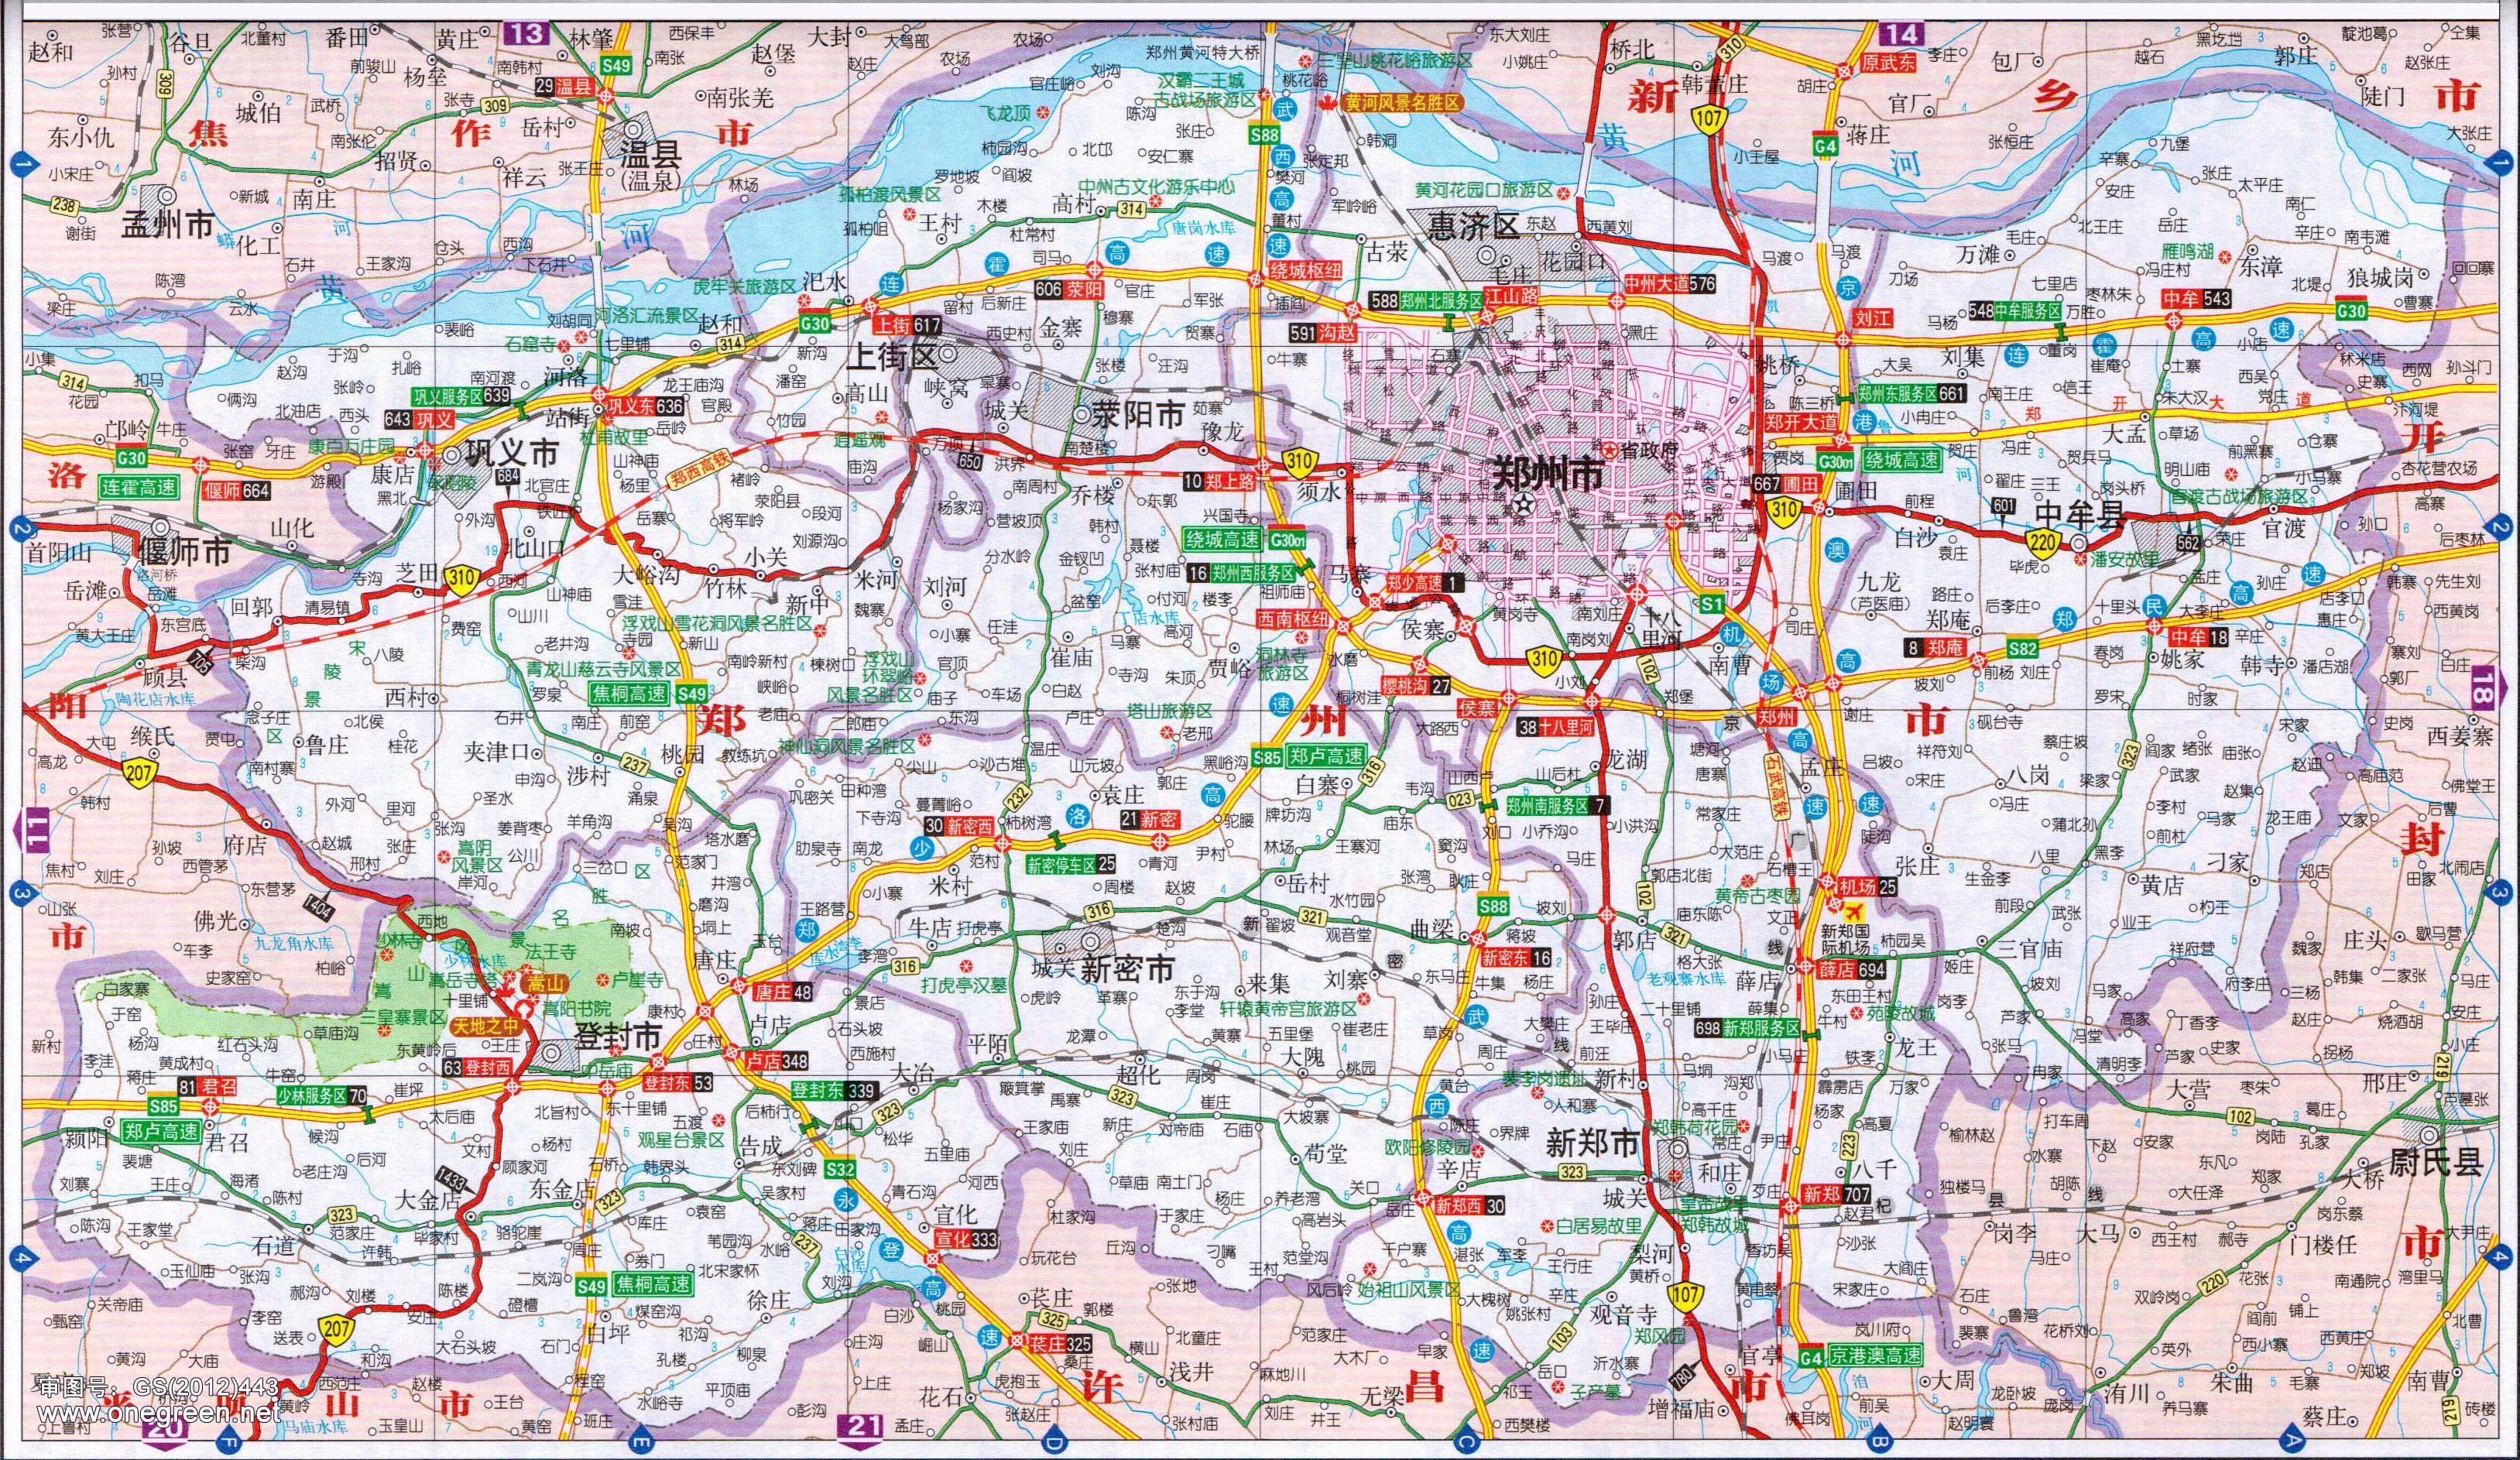 > 郑州地图